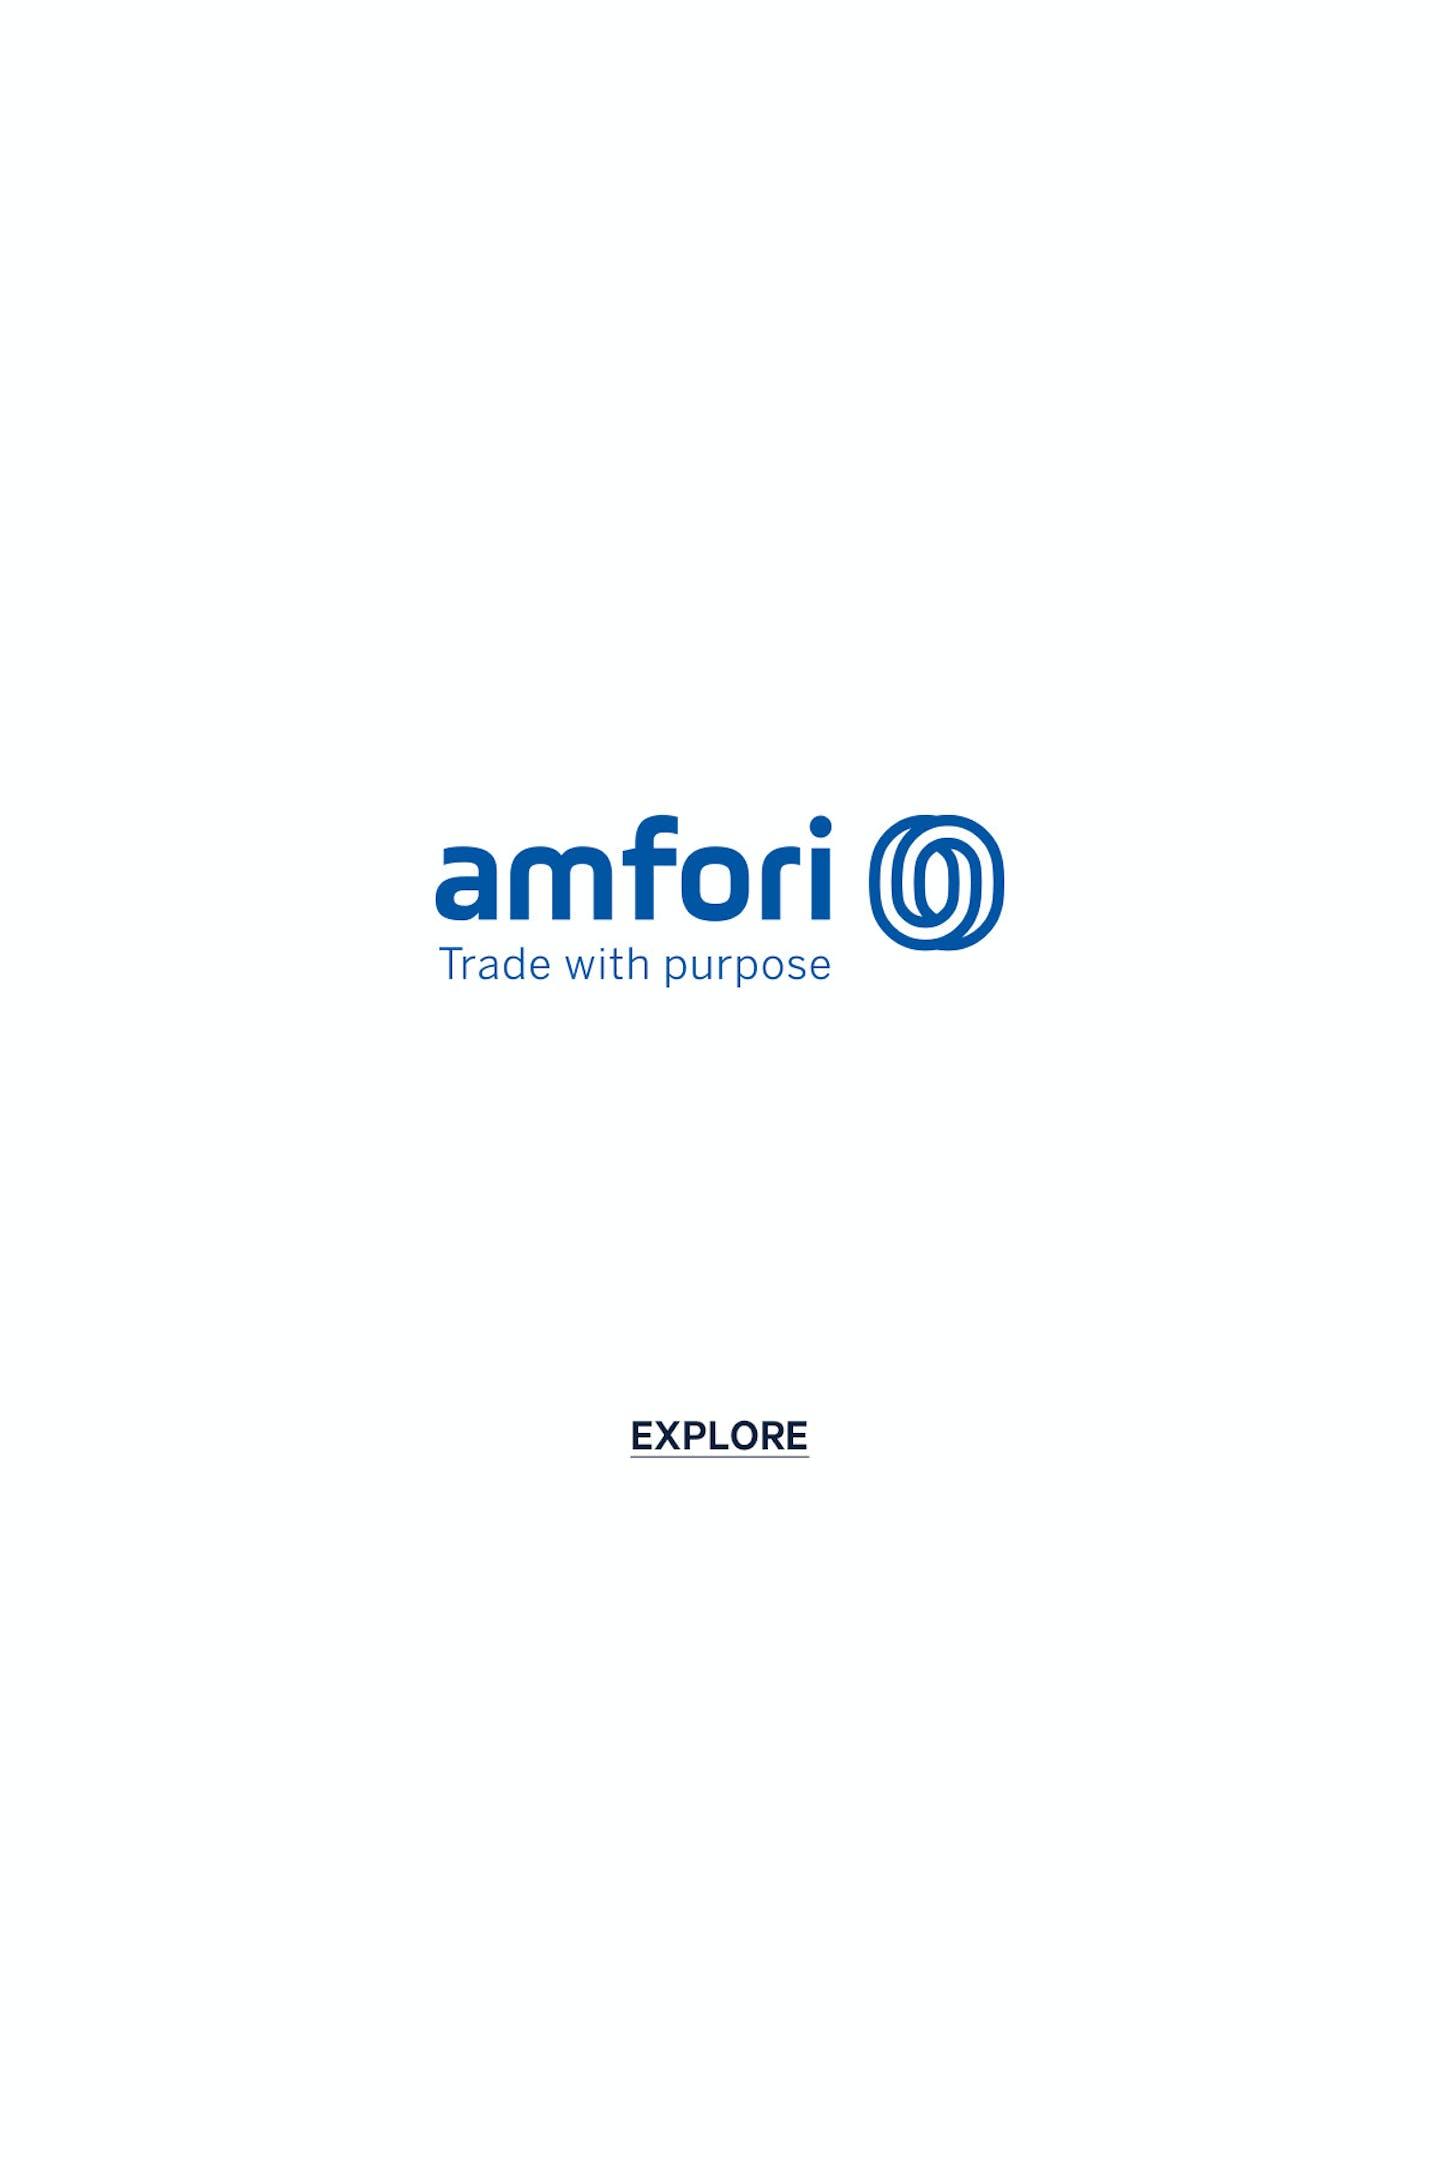 amfori